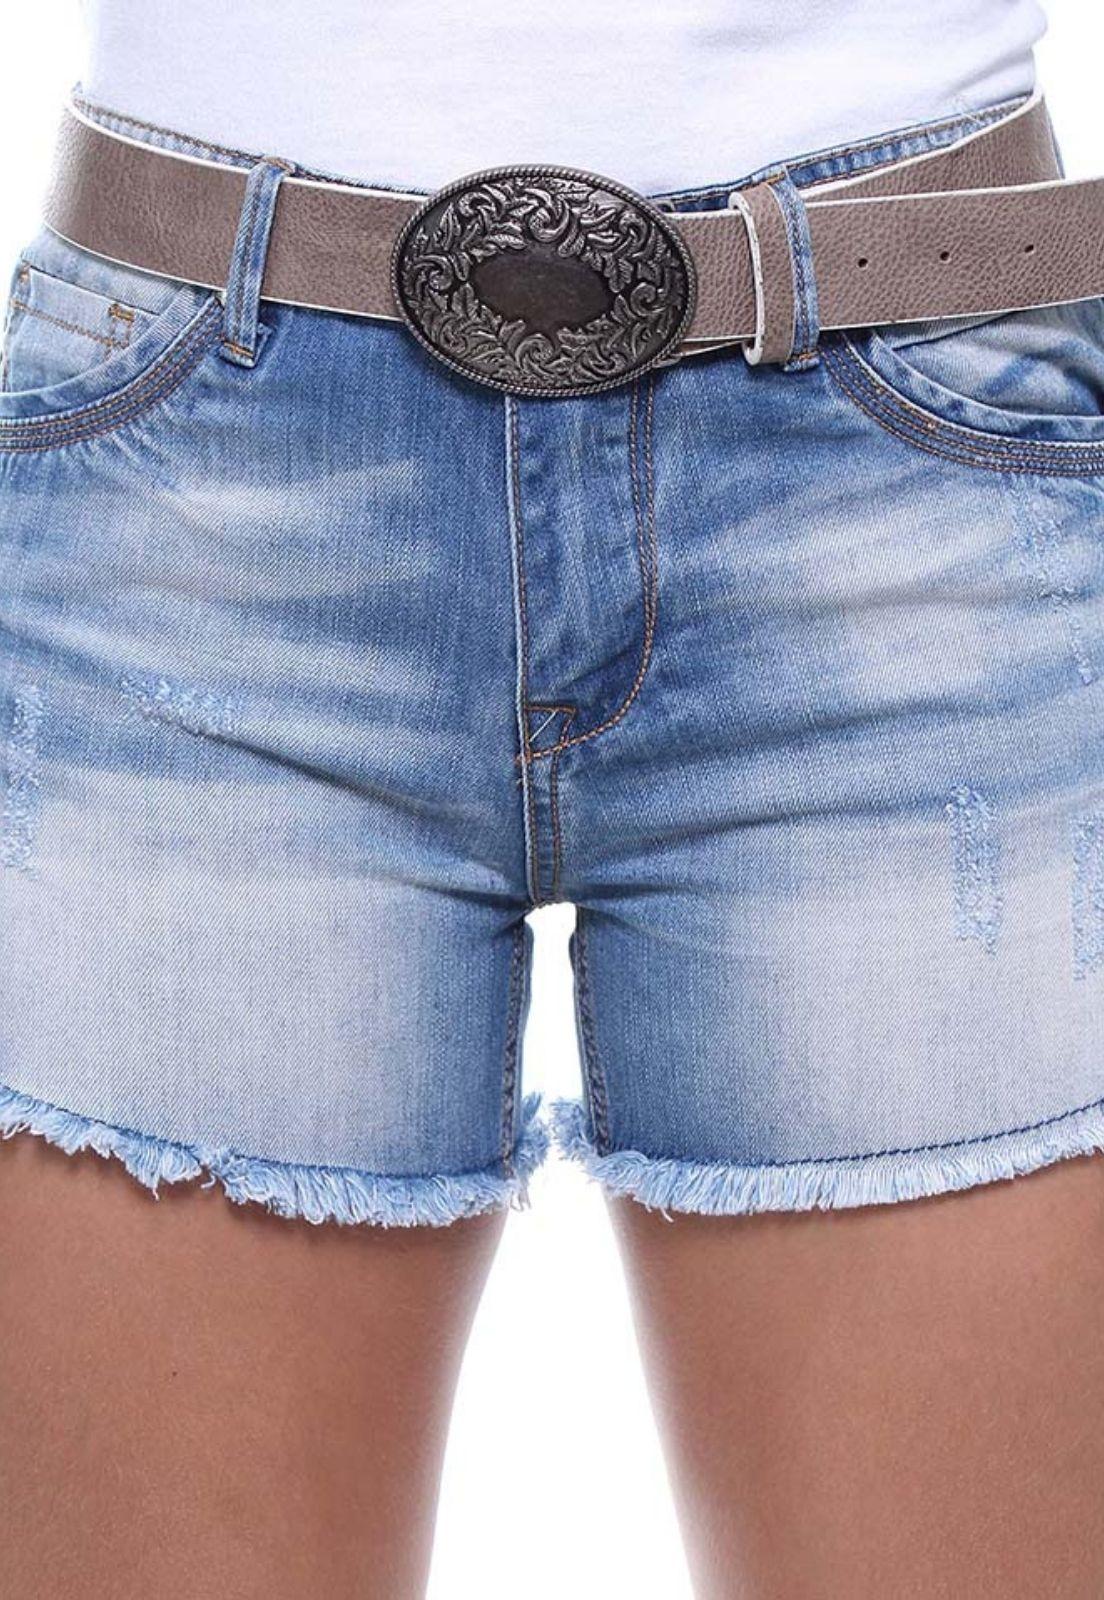 Short Jeans Feminino Boyfriend Crocker - 46431  - CROCKER JEANS